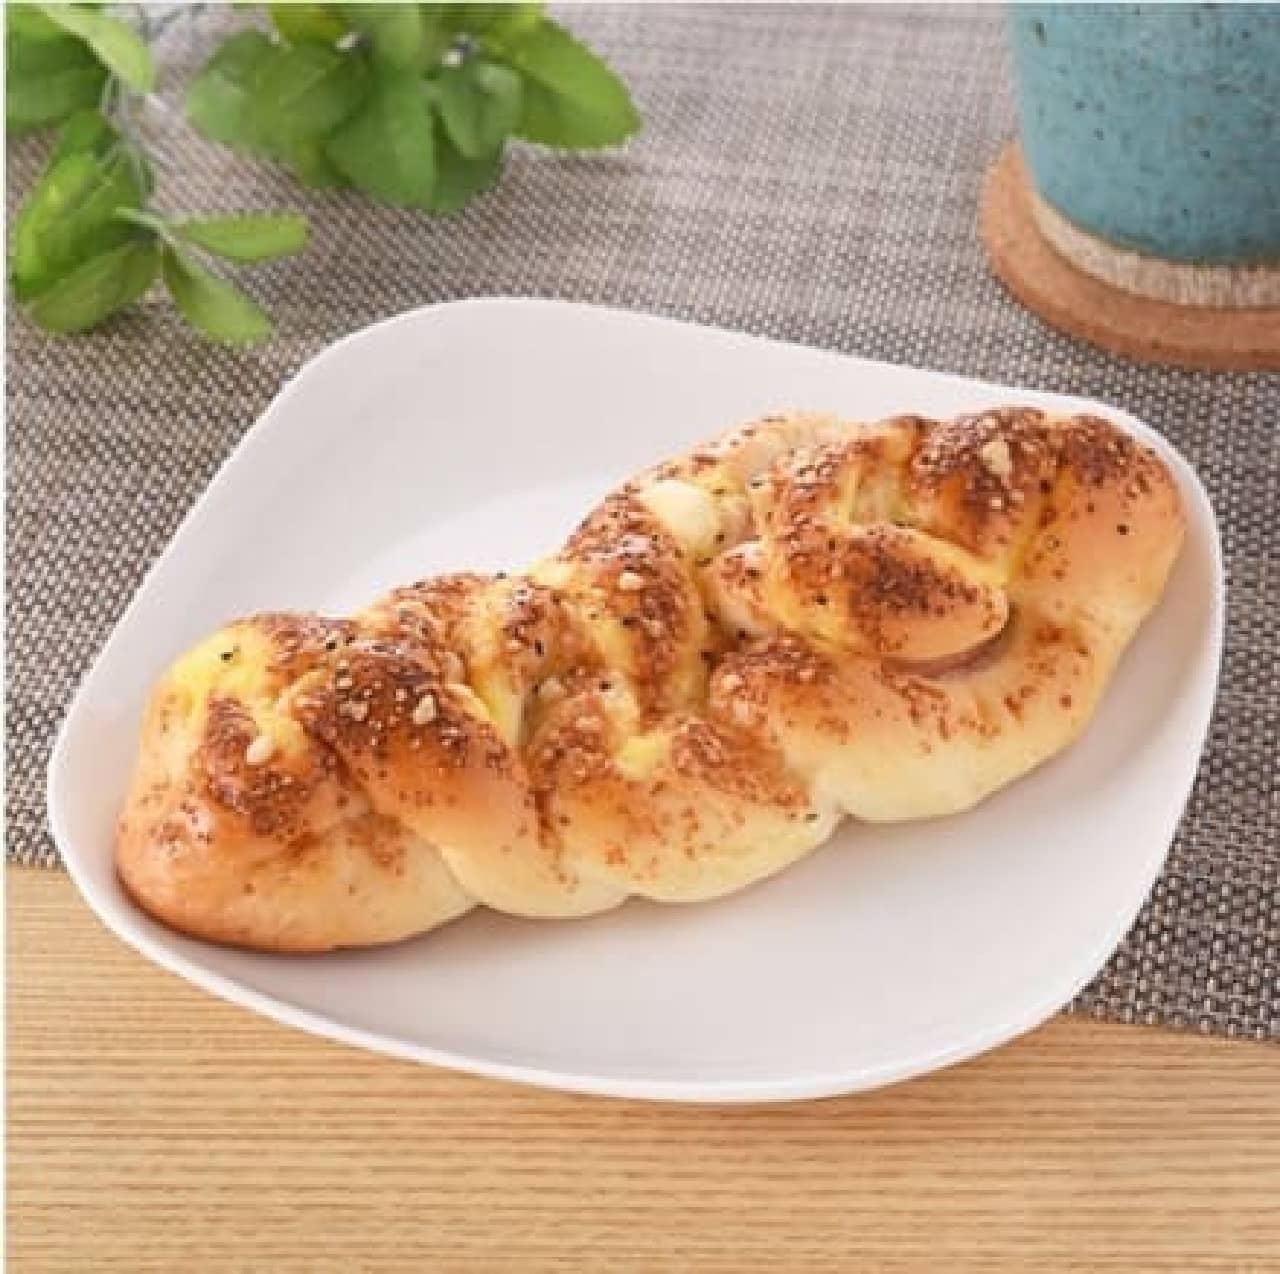 ファミリーマート「ハムとチーズの三つ編みパン」